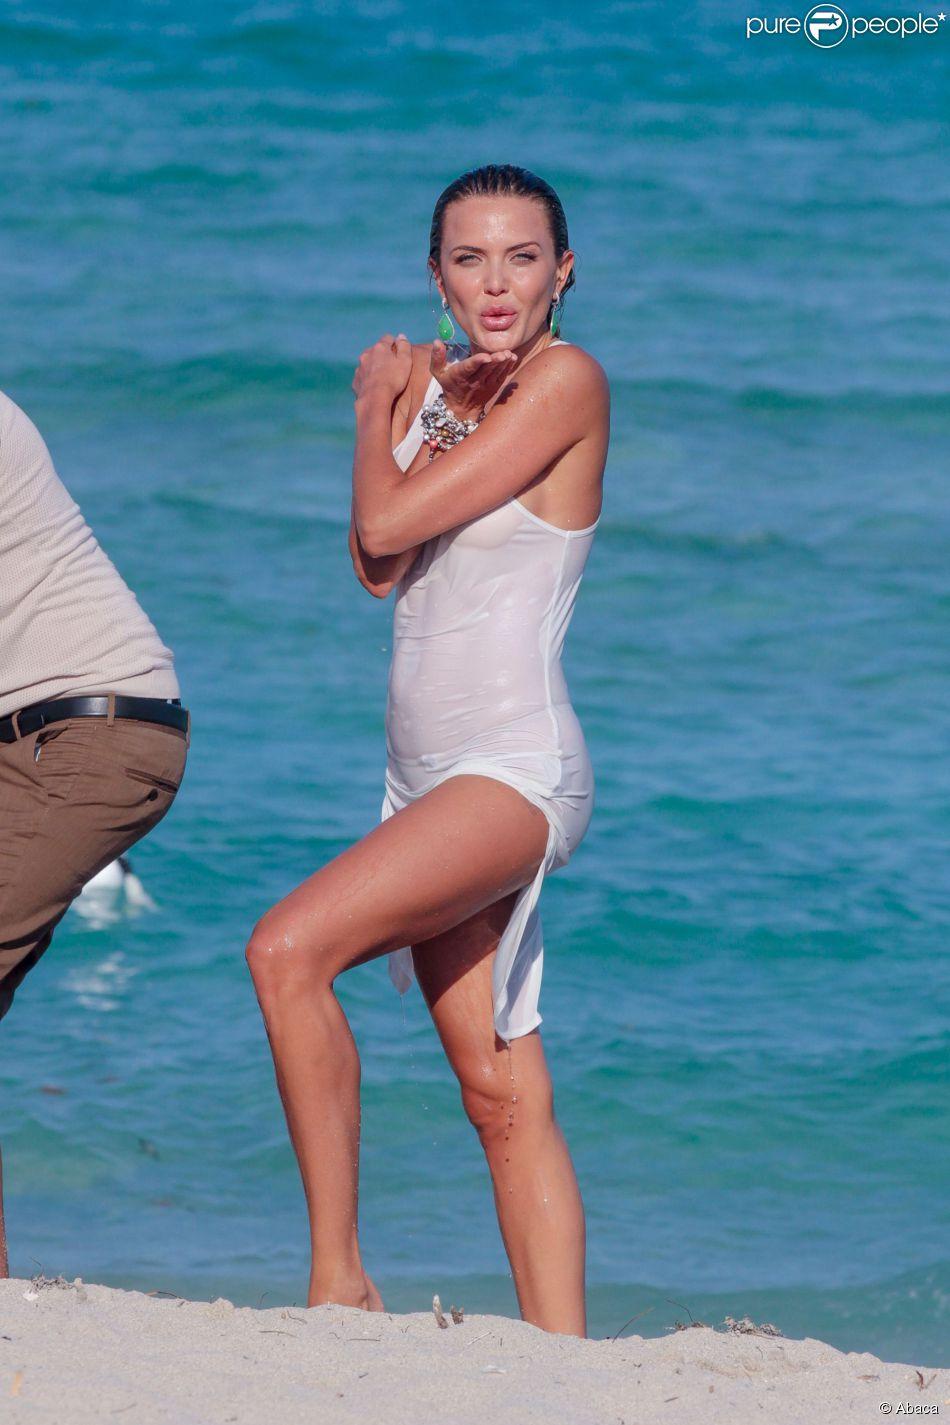 Tetyana Veryovkina était en shooting avec le photographe Roberto Rocco sur la plage de Miami le 31 mars 2015